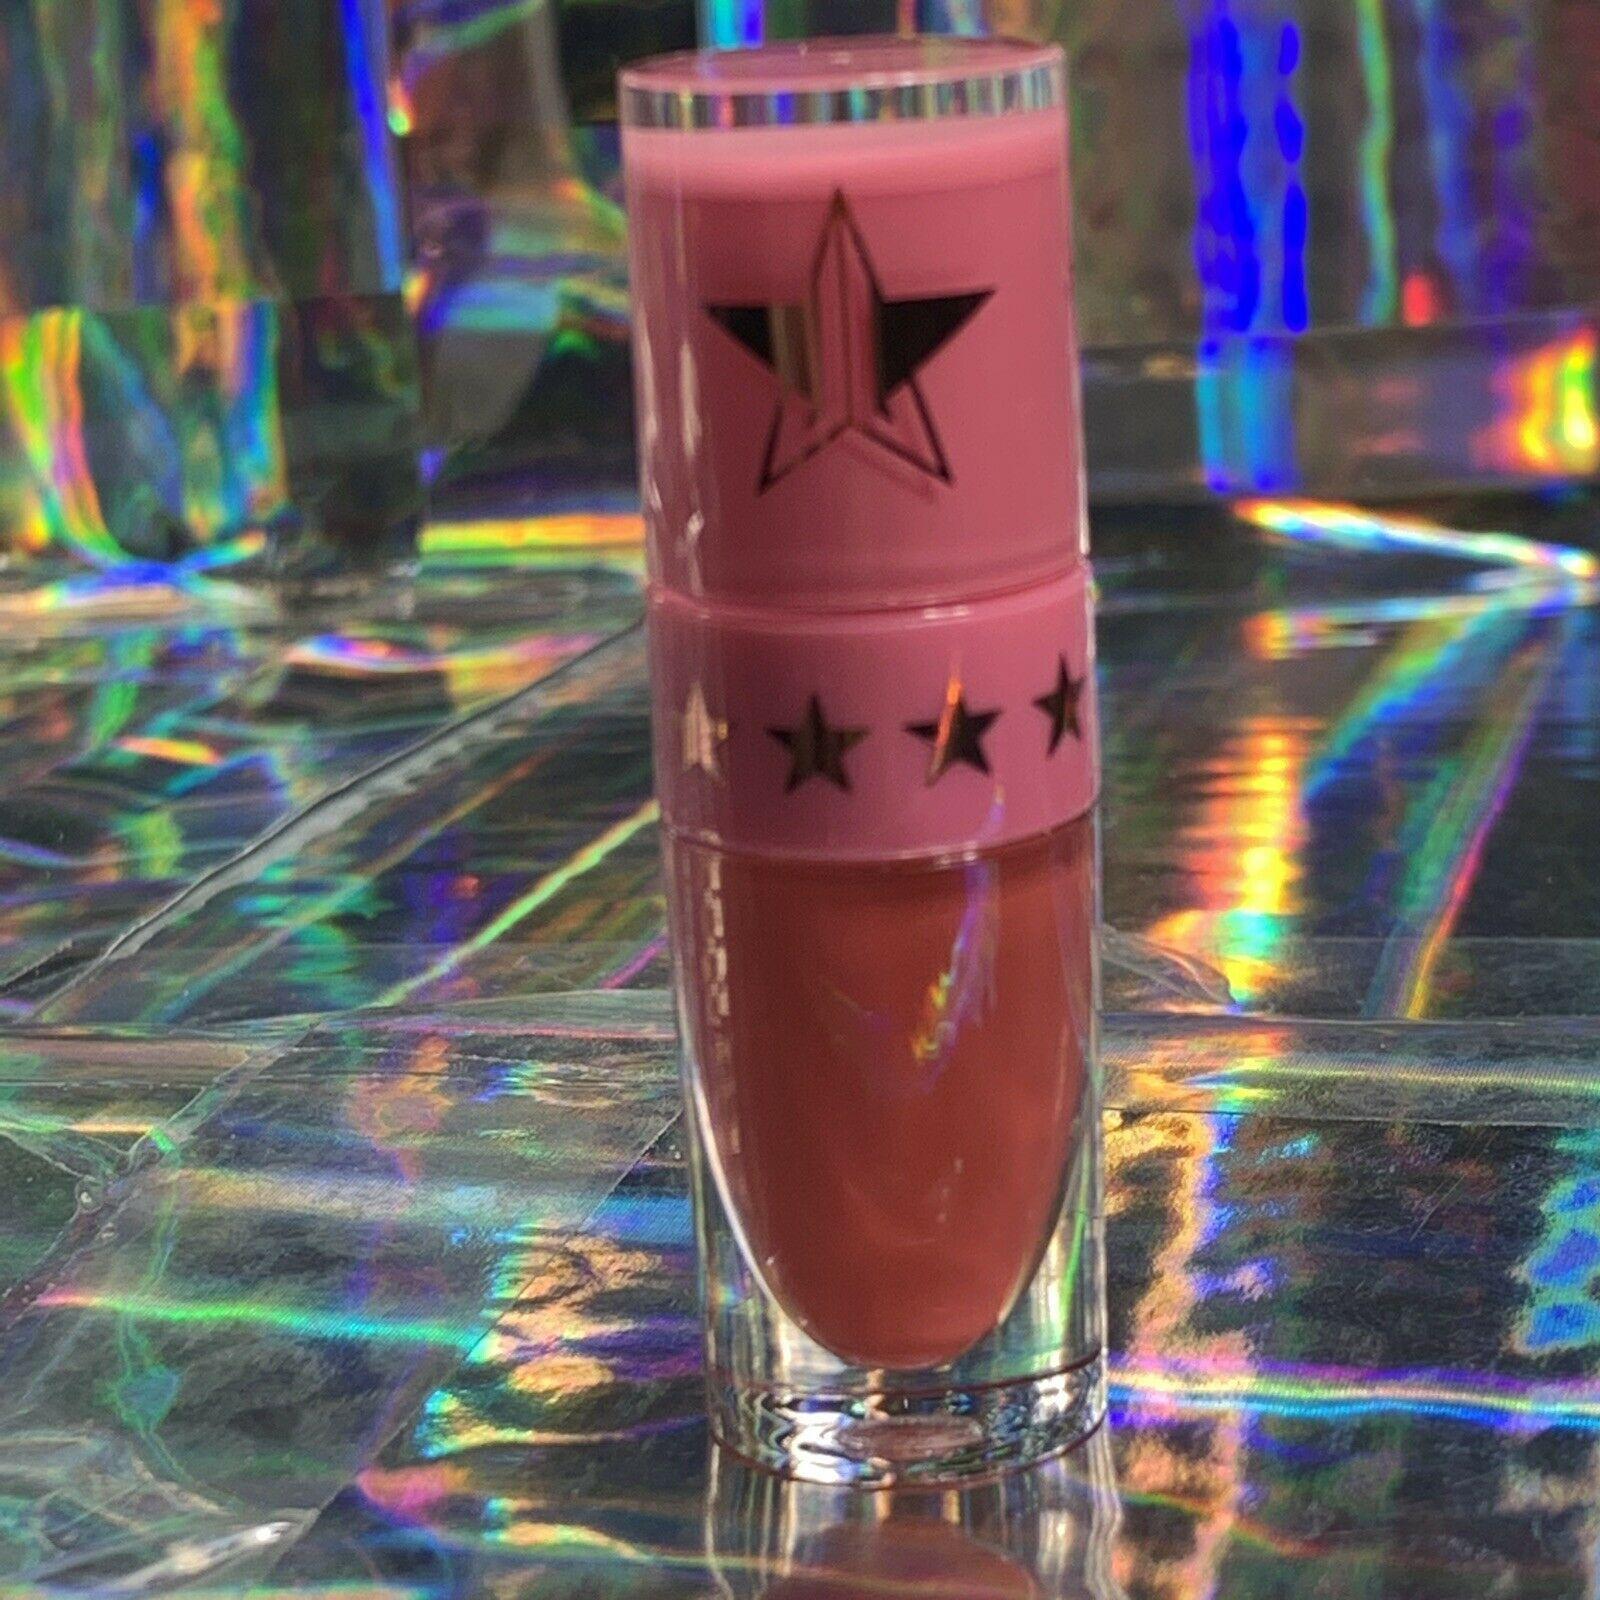 Jeffree Star Velour Liquid Lipstick 1.93mL * Watermelon Soda Bright Coral